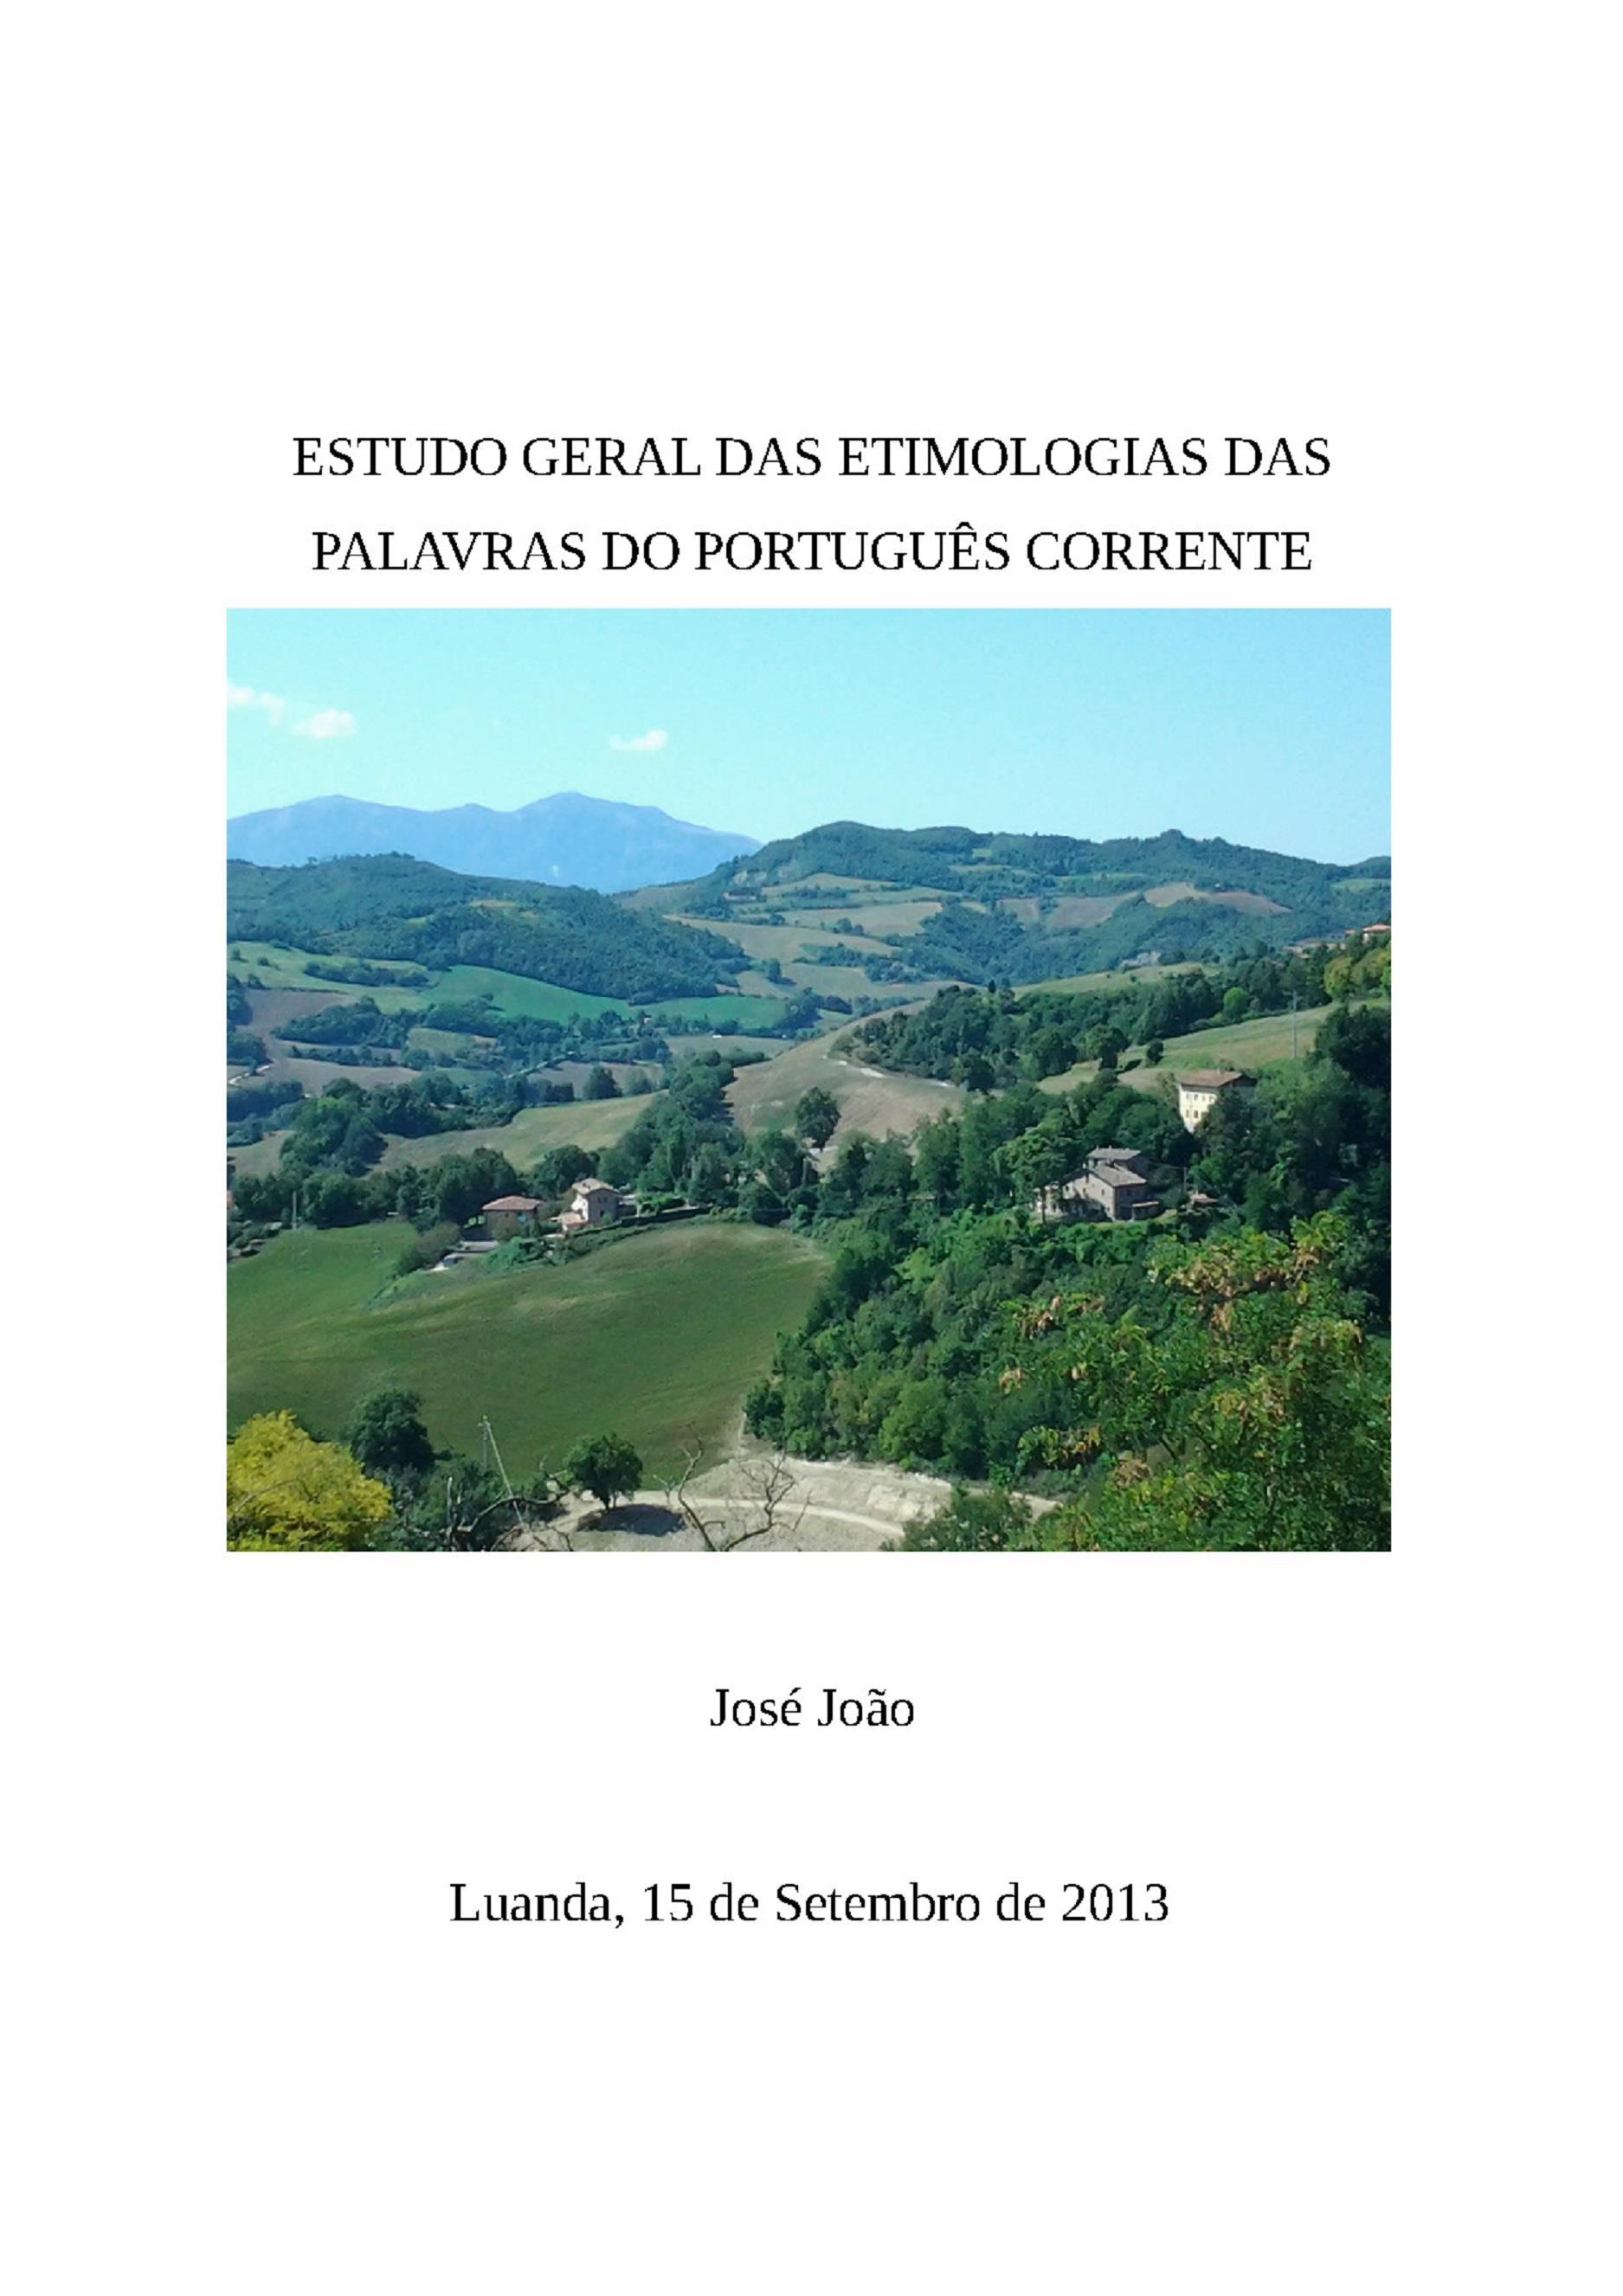 Estudo geral das Etimologias das Palavras do Portugues corrente